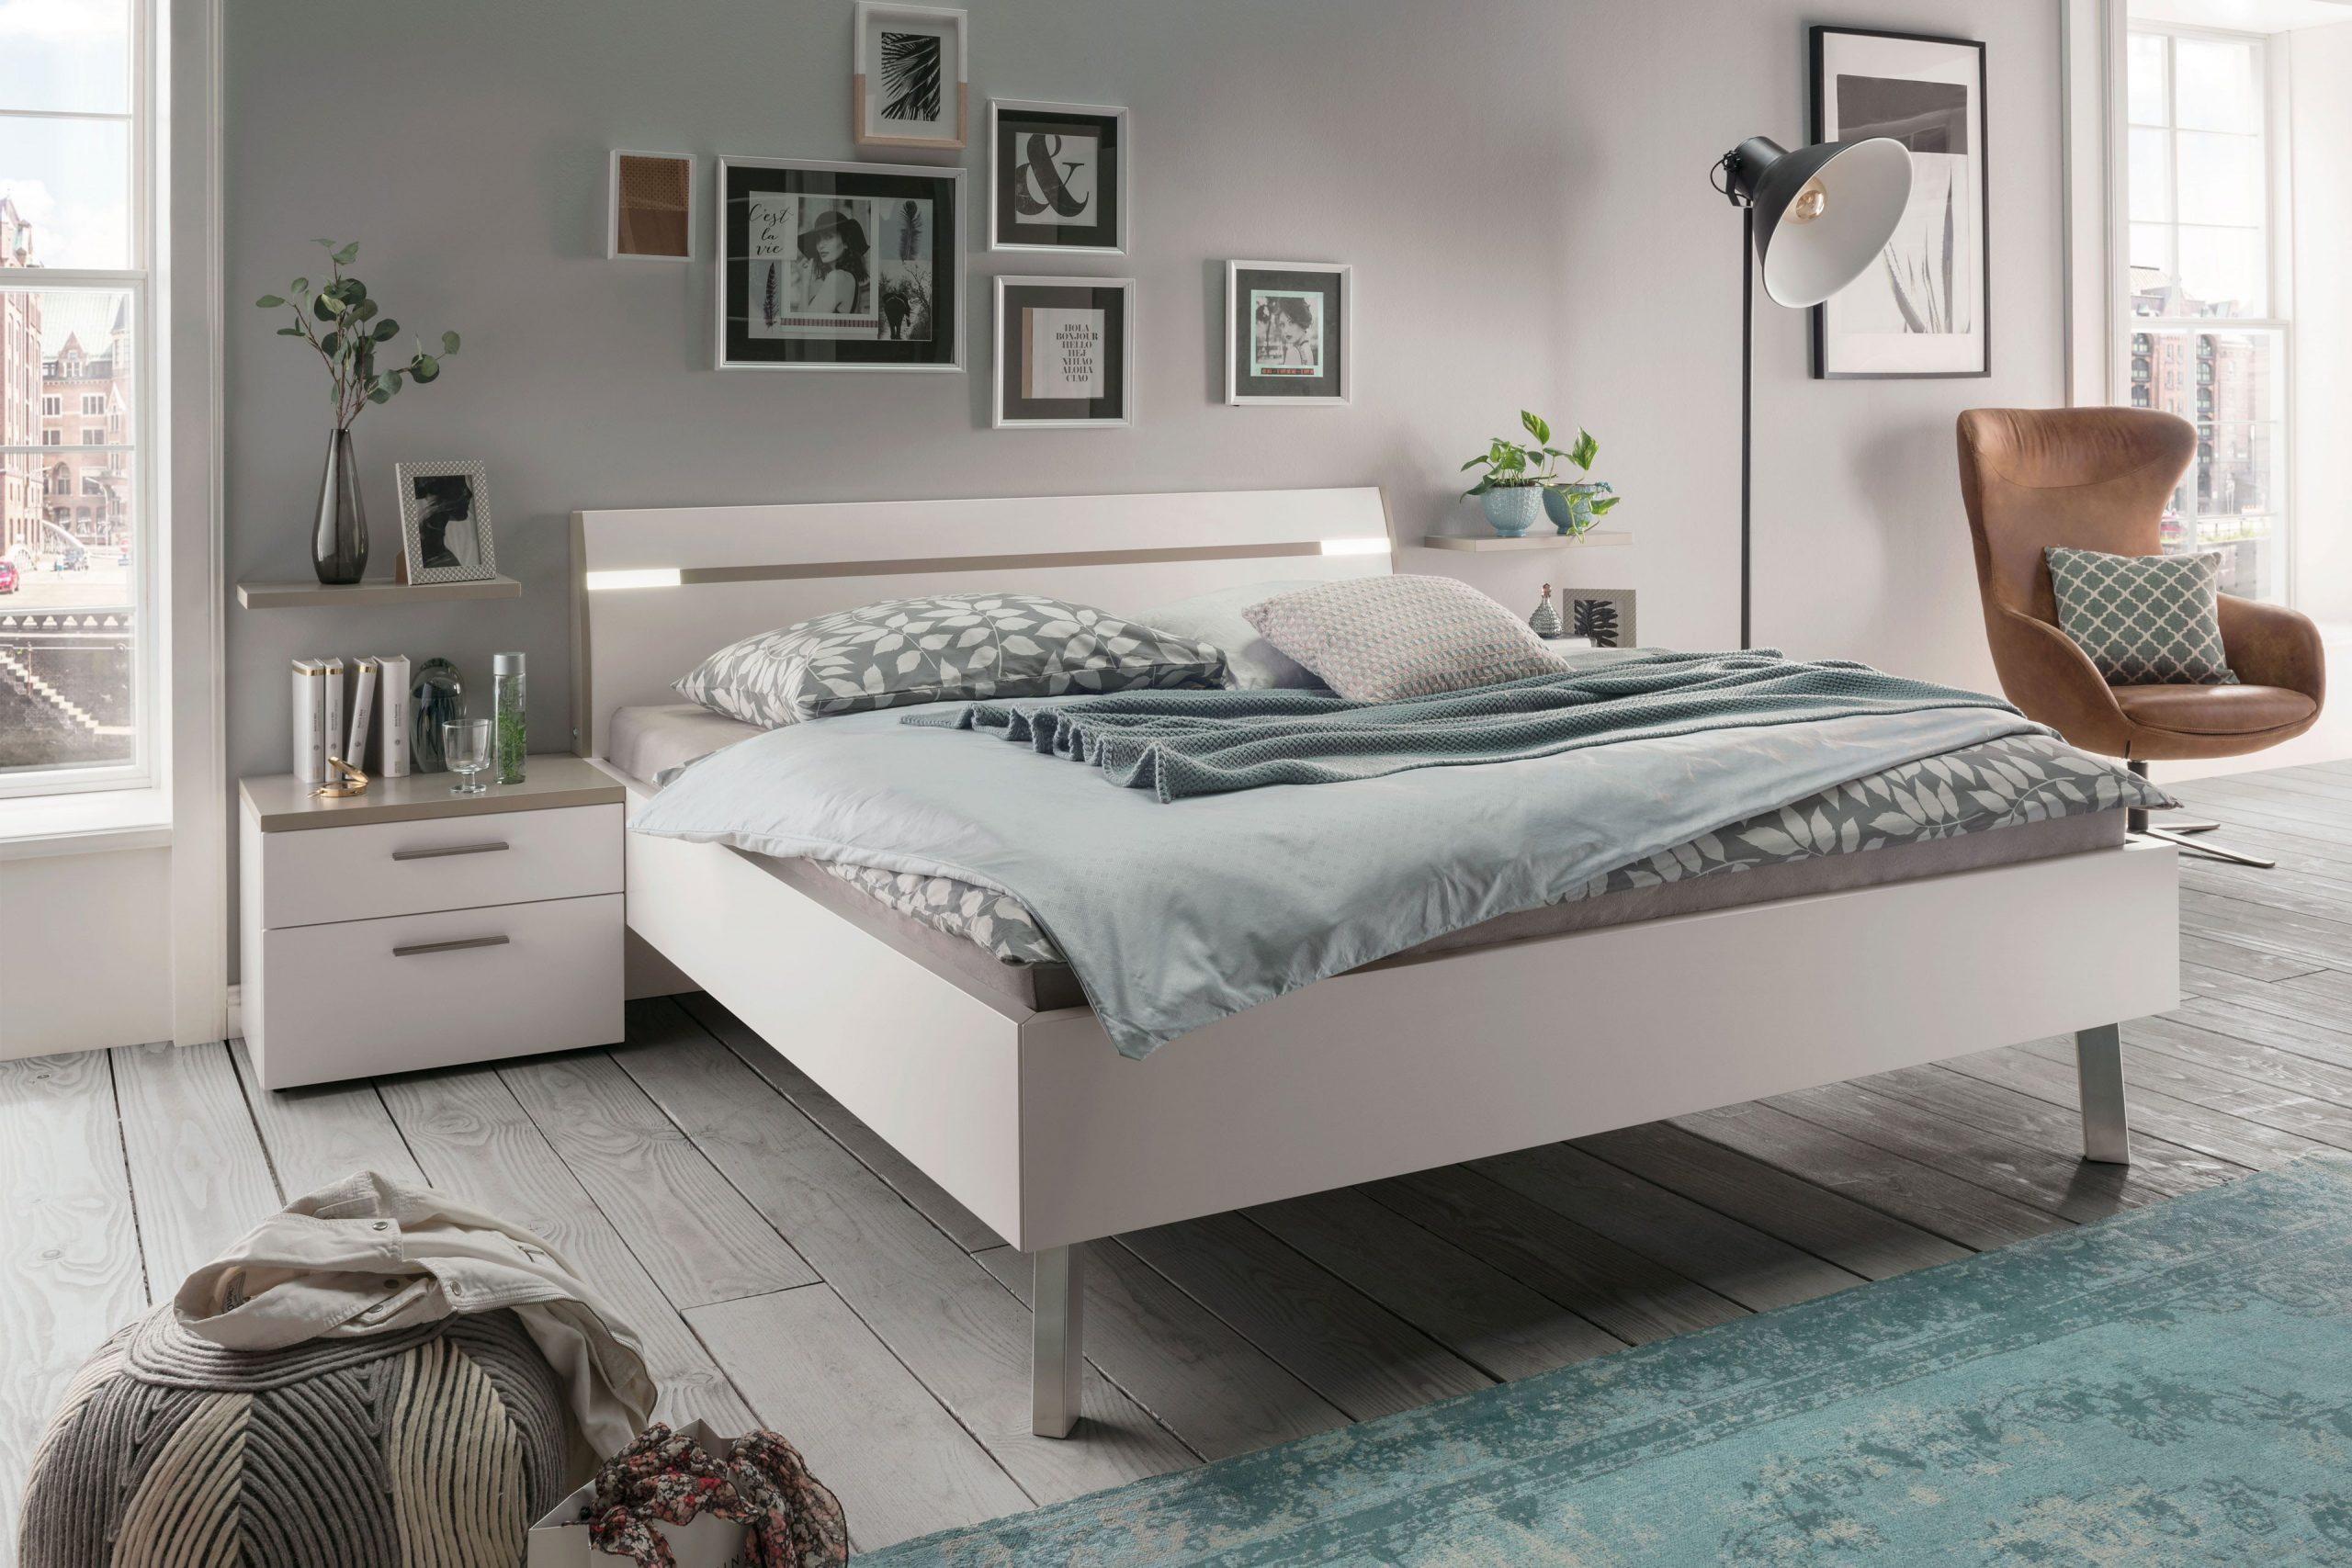 Full Size of Weiße Betten Hülsta Trends Jabo De Kaufen 140x200 Somnus Hasena Günstig 180x200 Designer Japanische Nolte Günstige Weißes Schlafzimmer Außergewöhnliche Bett Weiße Betten